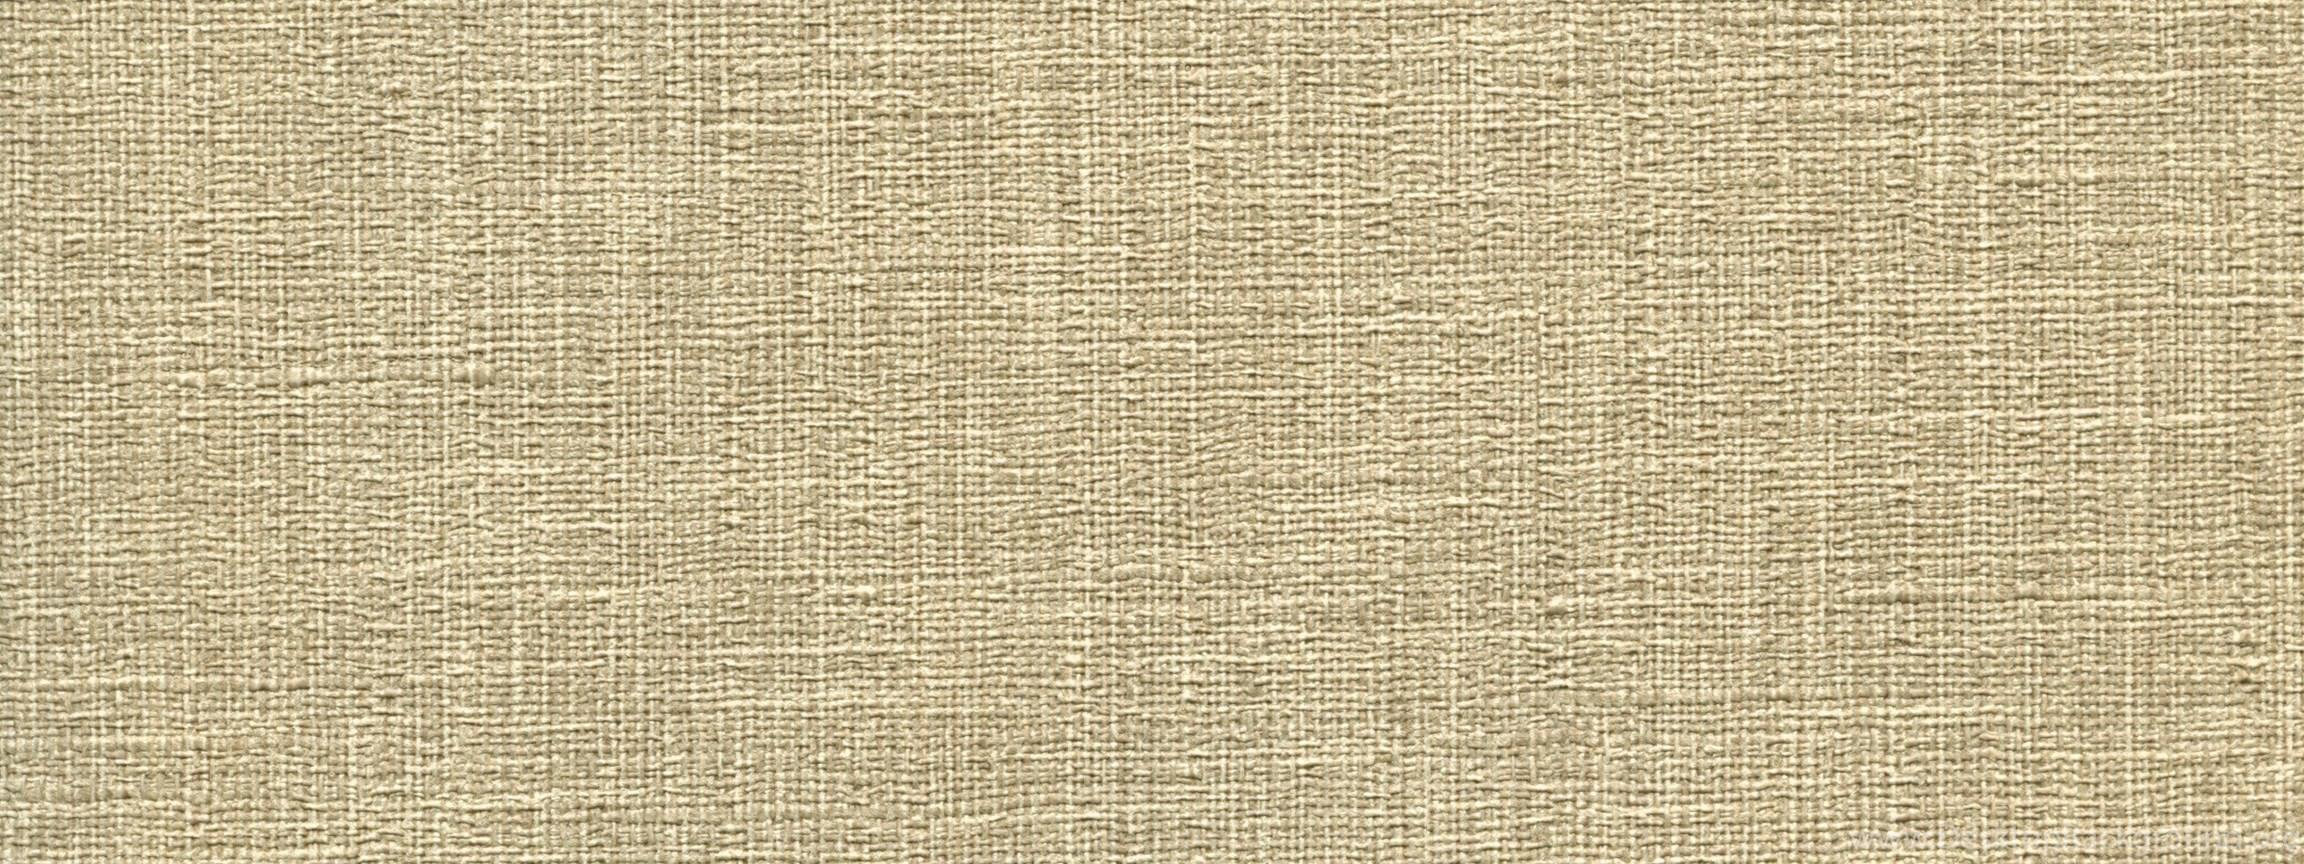 Wa1557 Eades Discount Wallpapers Discount Fabric Desktop